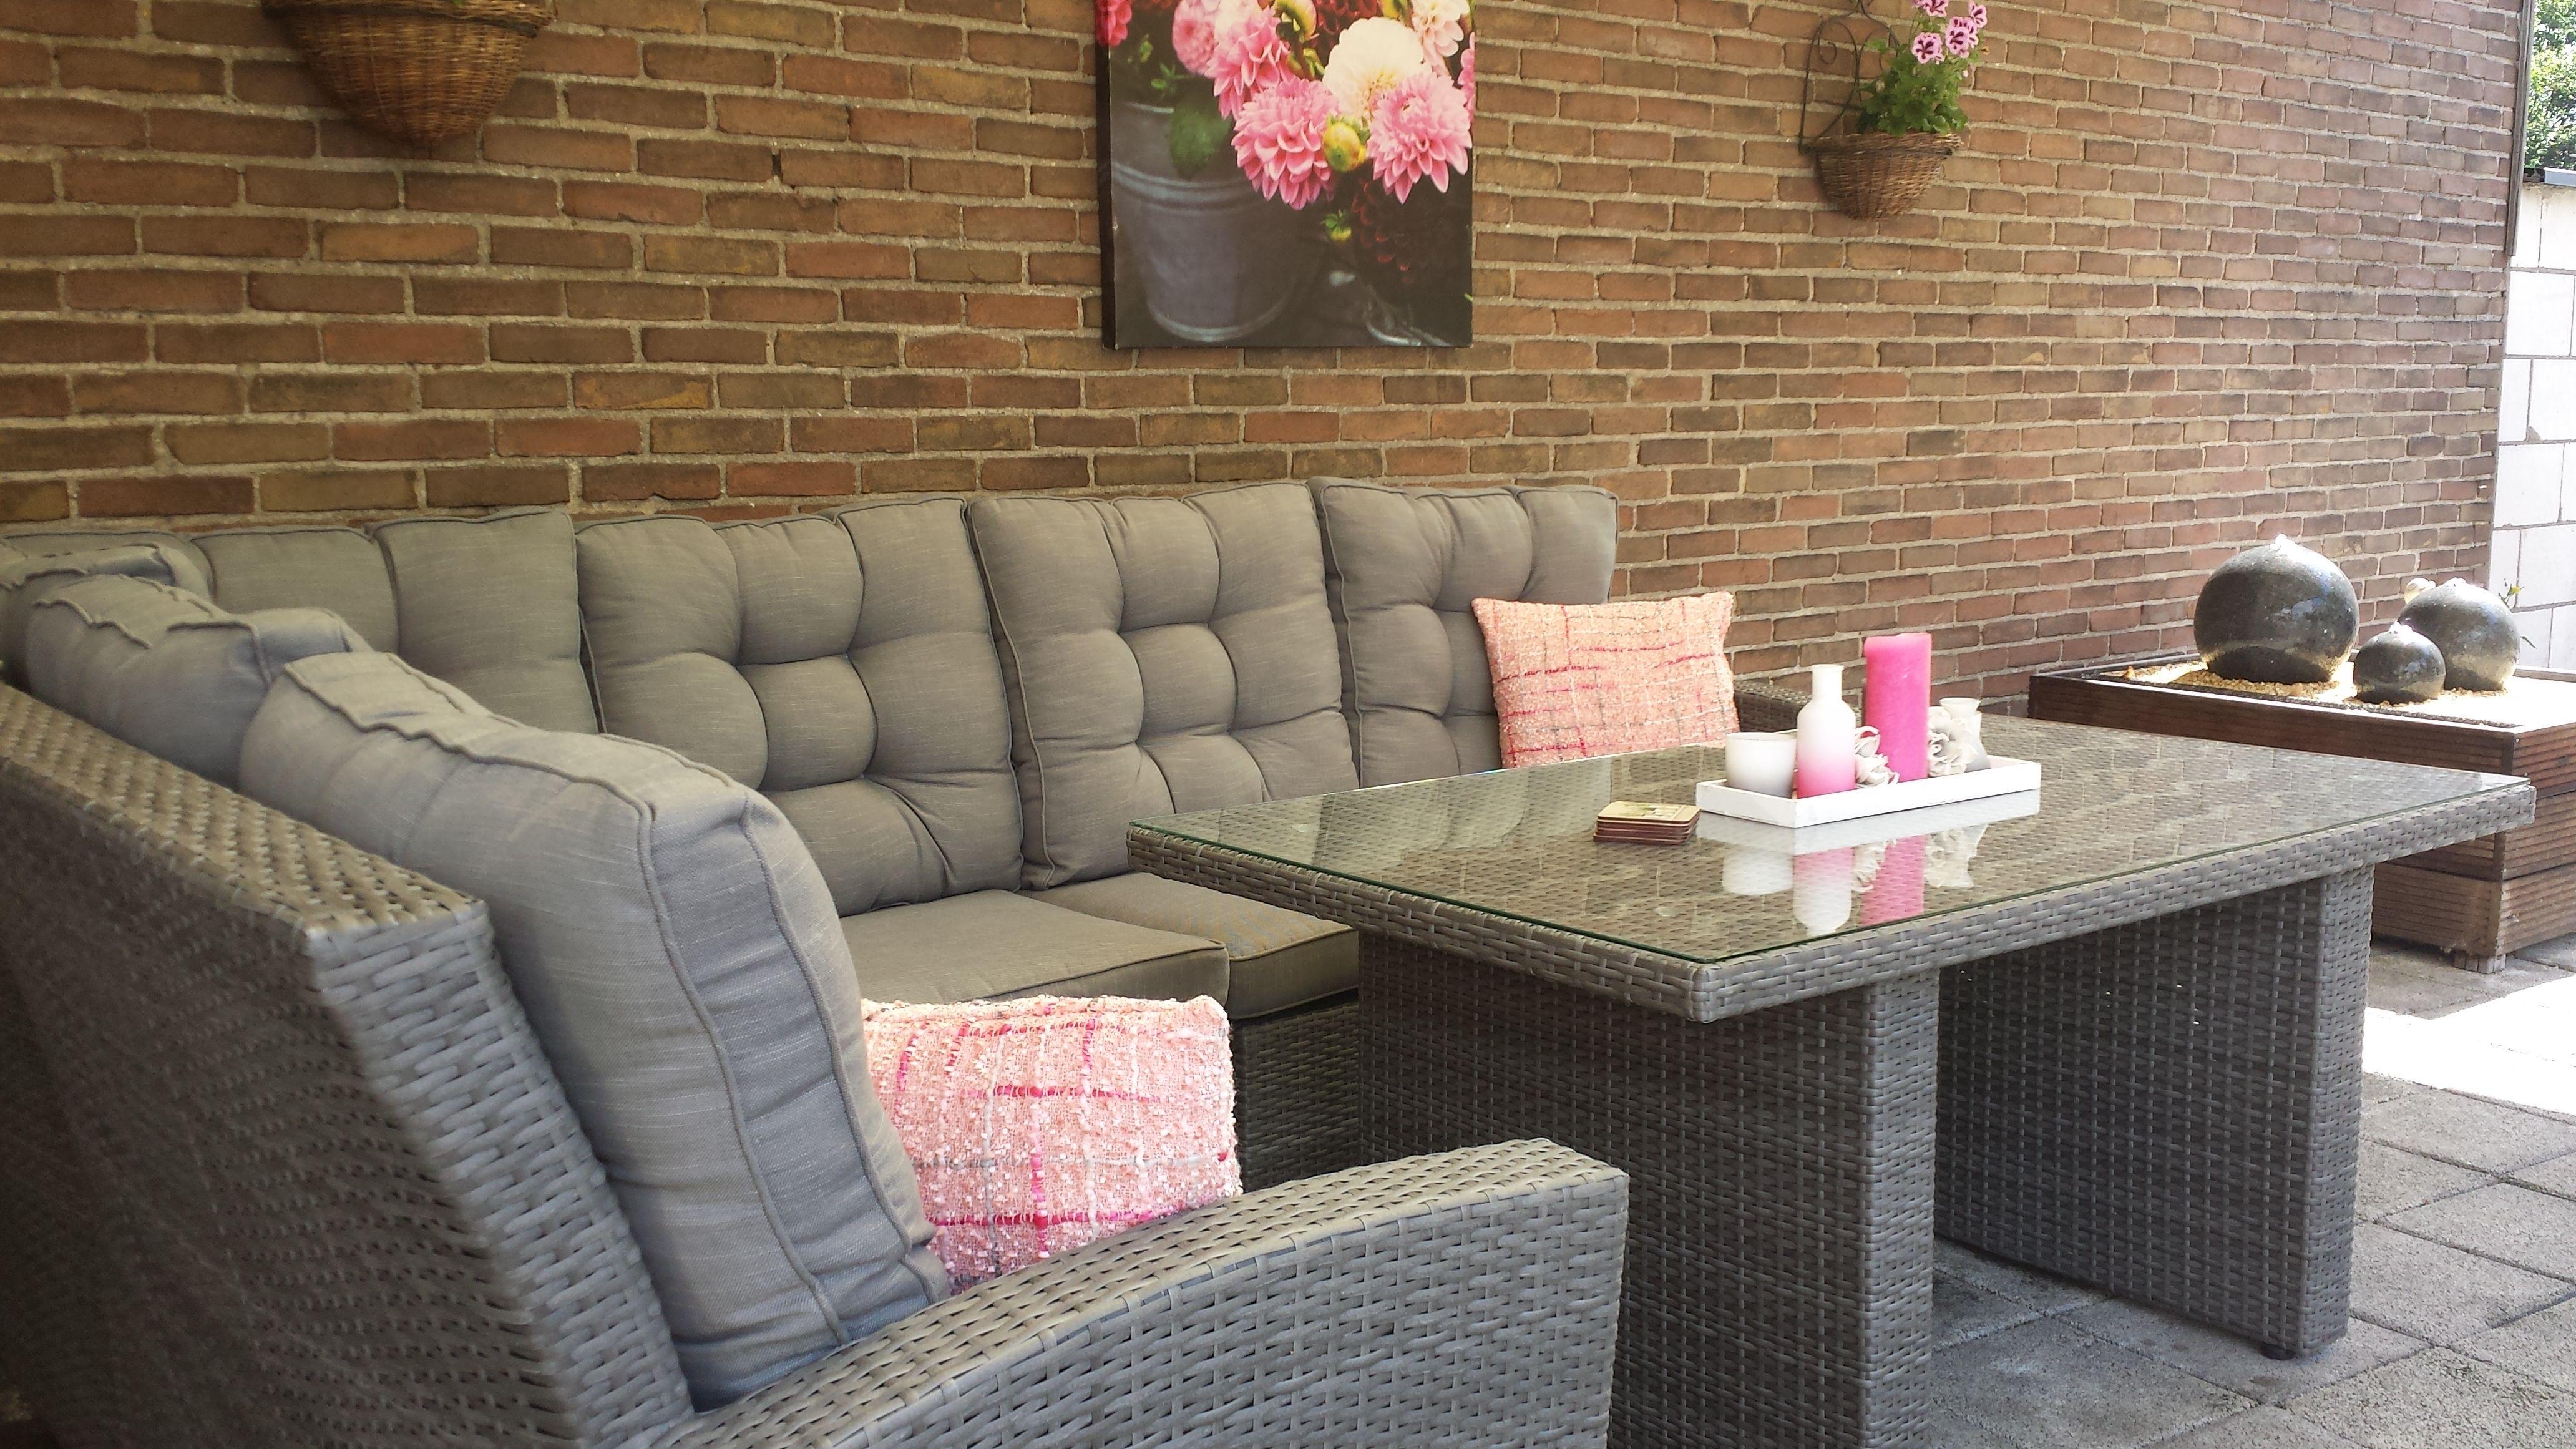 Loungeset landelijk met dikke, romantische kussens in de kleur grijs ...